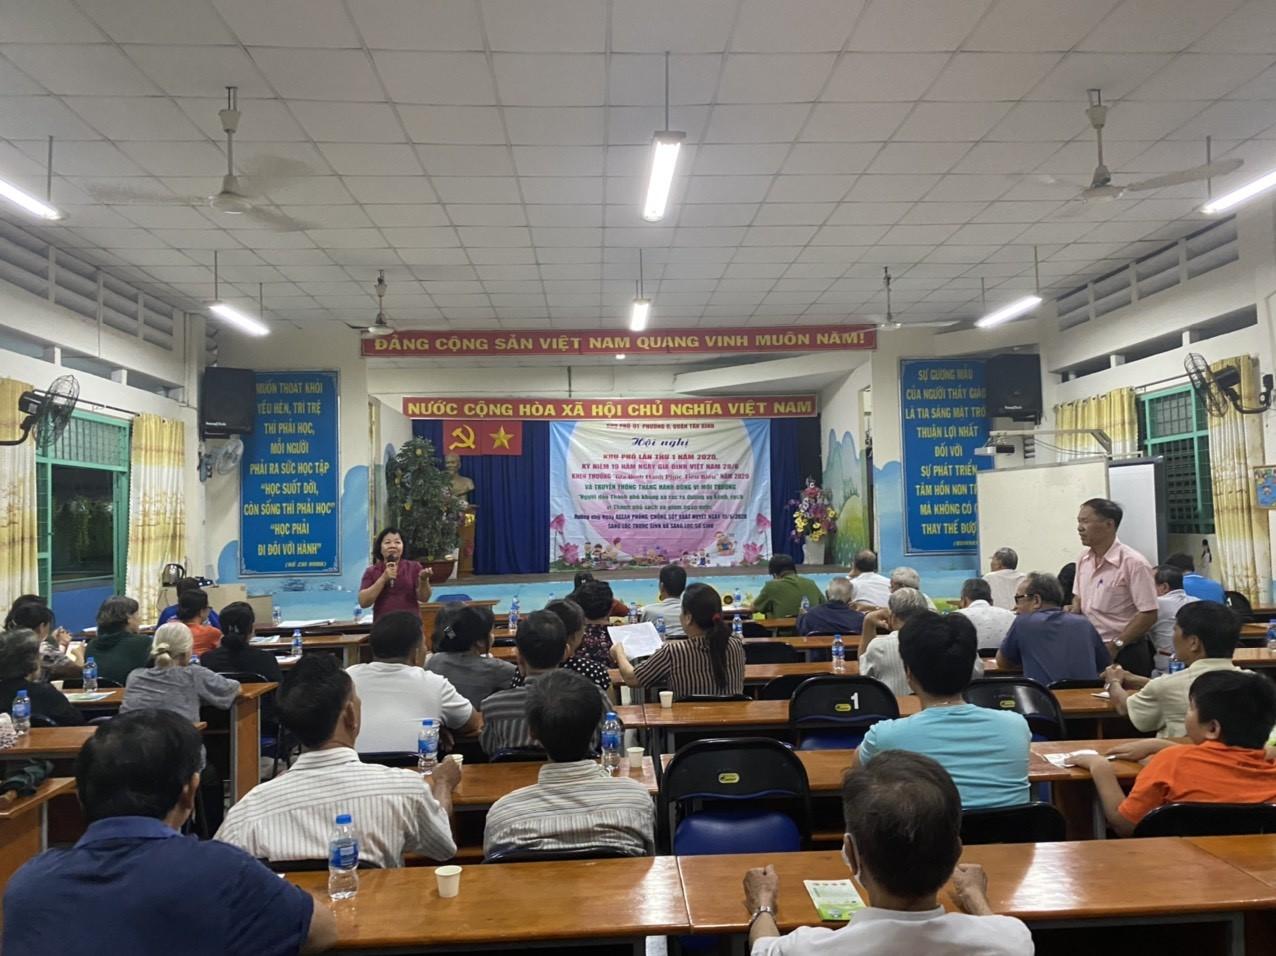 Phường 6: Tổ chức các hoạt động kỷ niệm 19 năm Ngày gia đình Việt Nam (28/6)